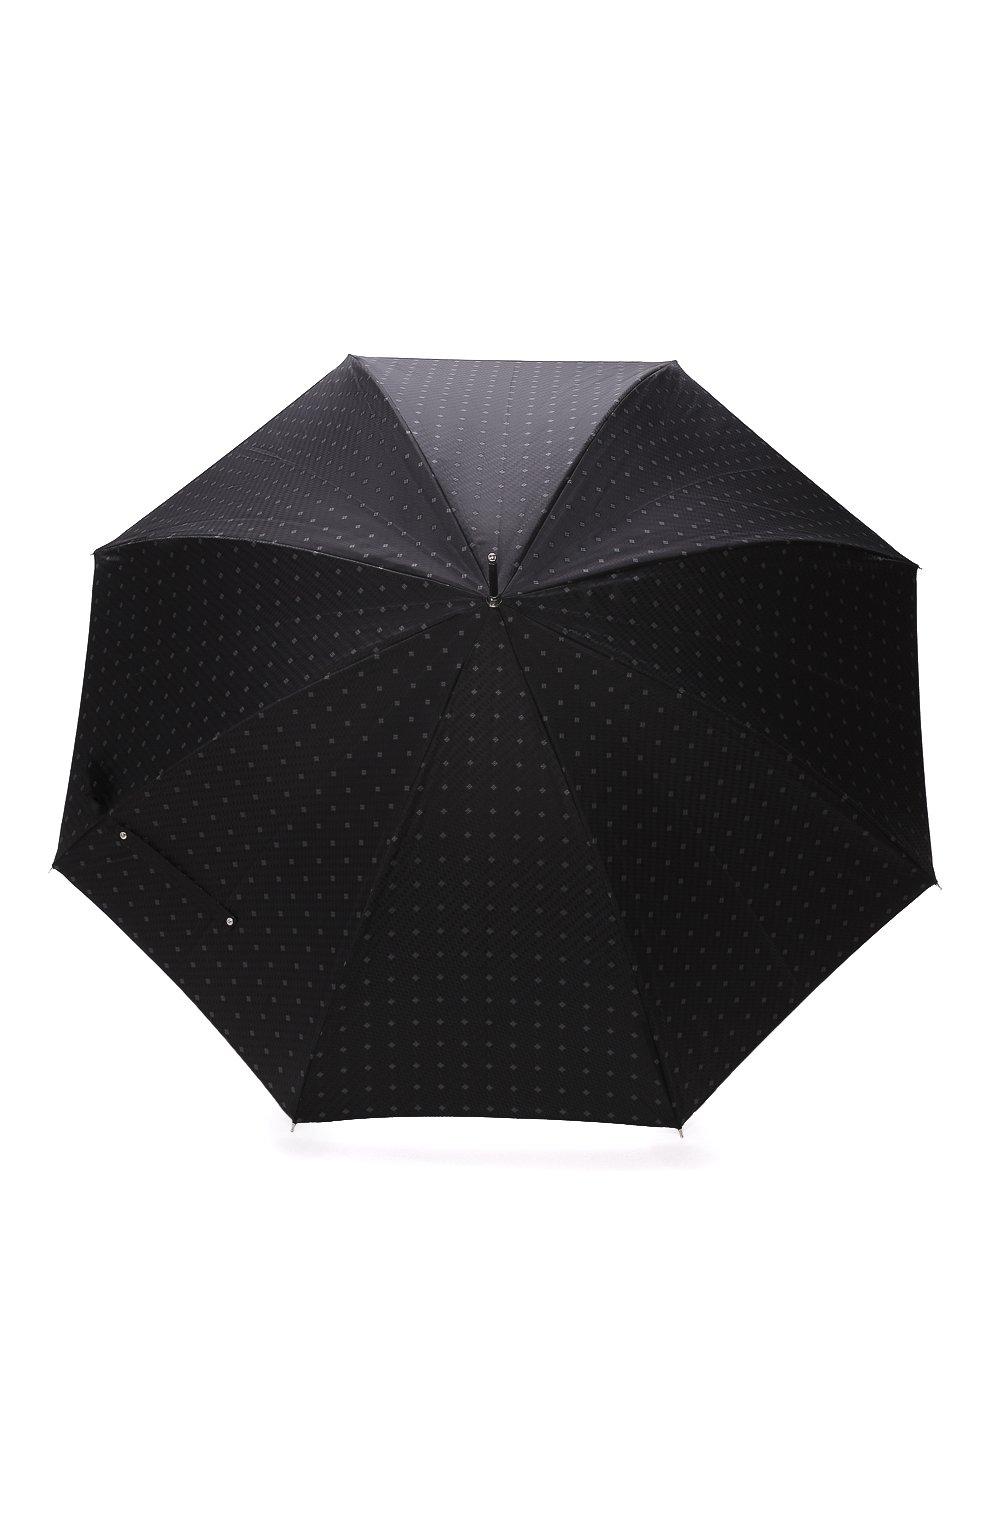 Мужской зонт-трость PASOTTI OMBRELLI черного цвета, арт. 478/RAS0 6279/1/N60   Фото 1